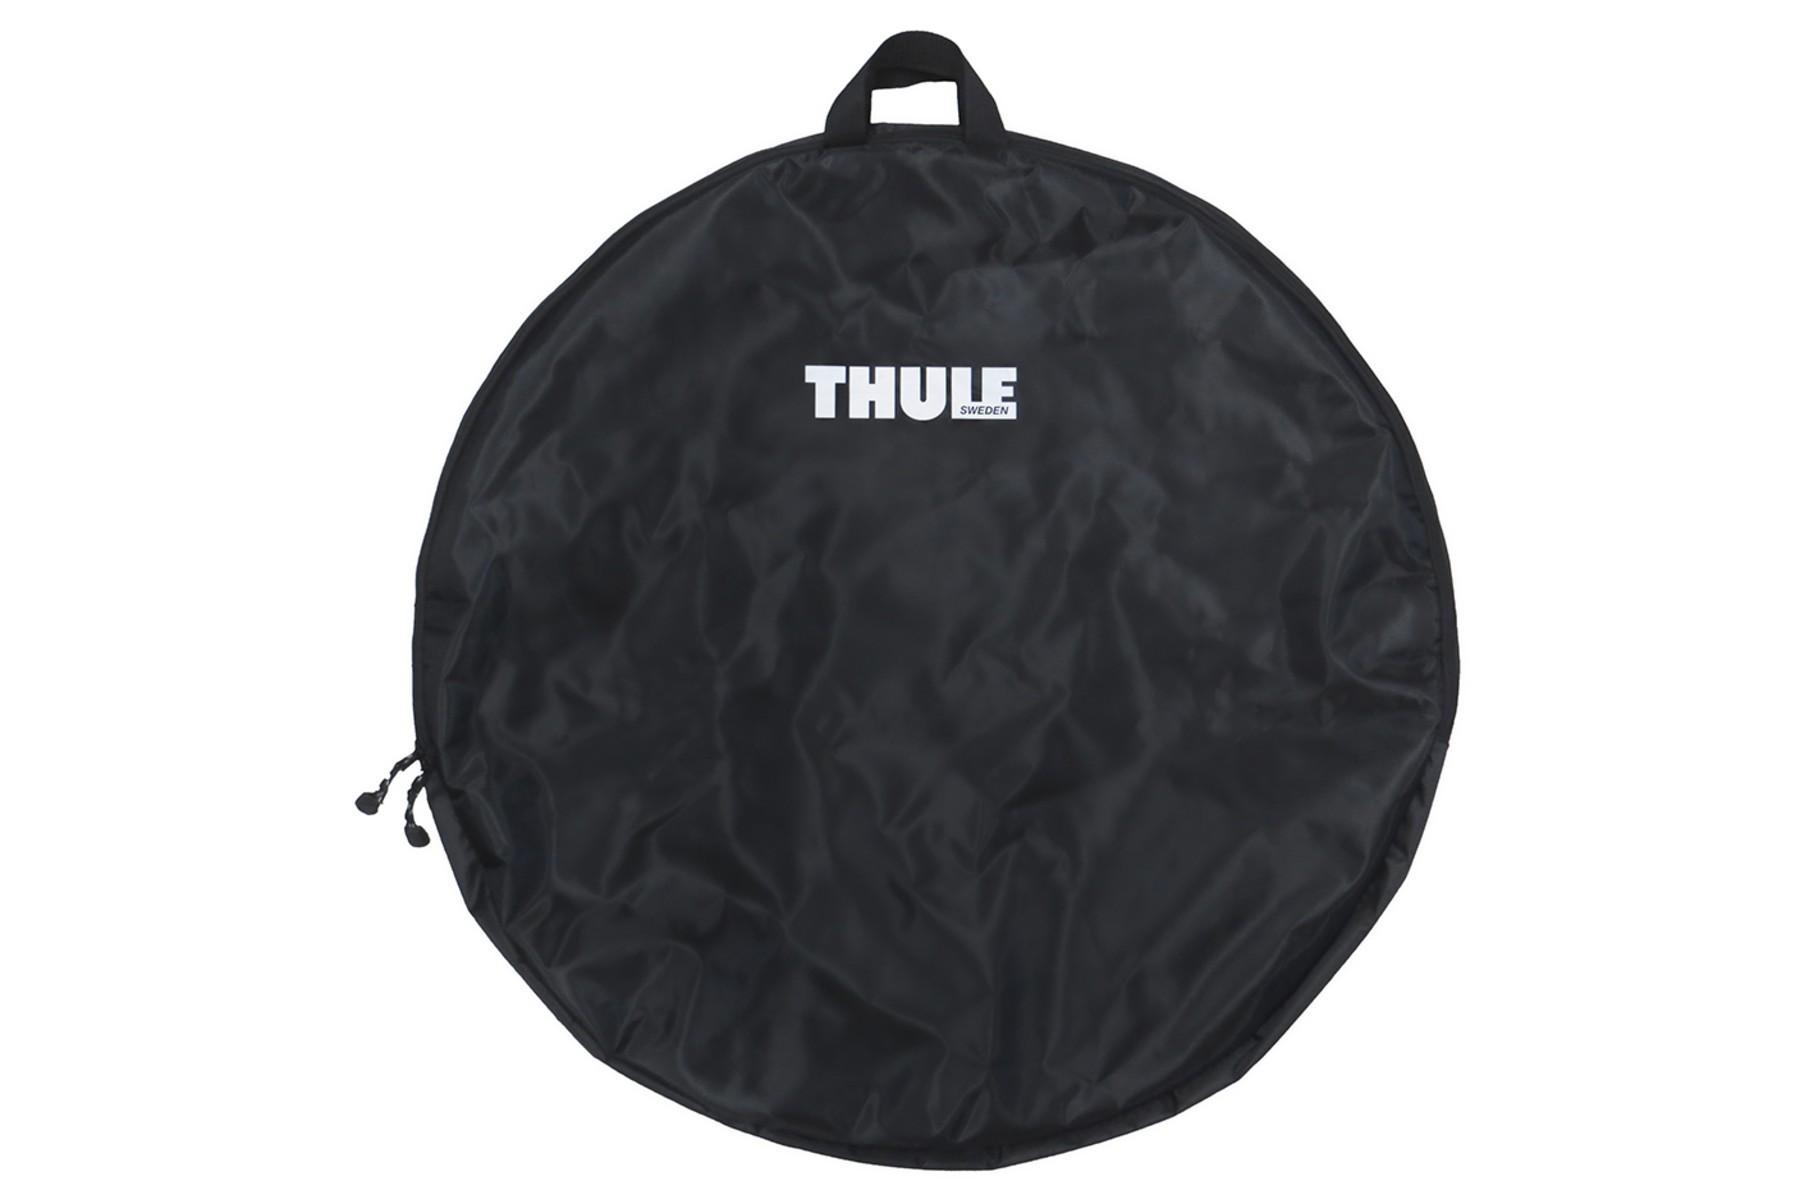 Thule Wheel Bag Xl Bolsa Mala Para Roda Dianteira